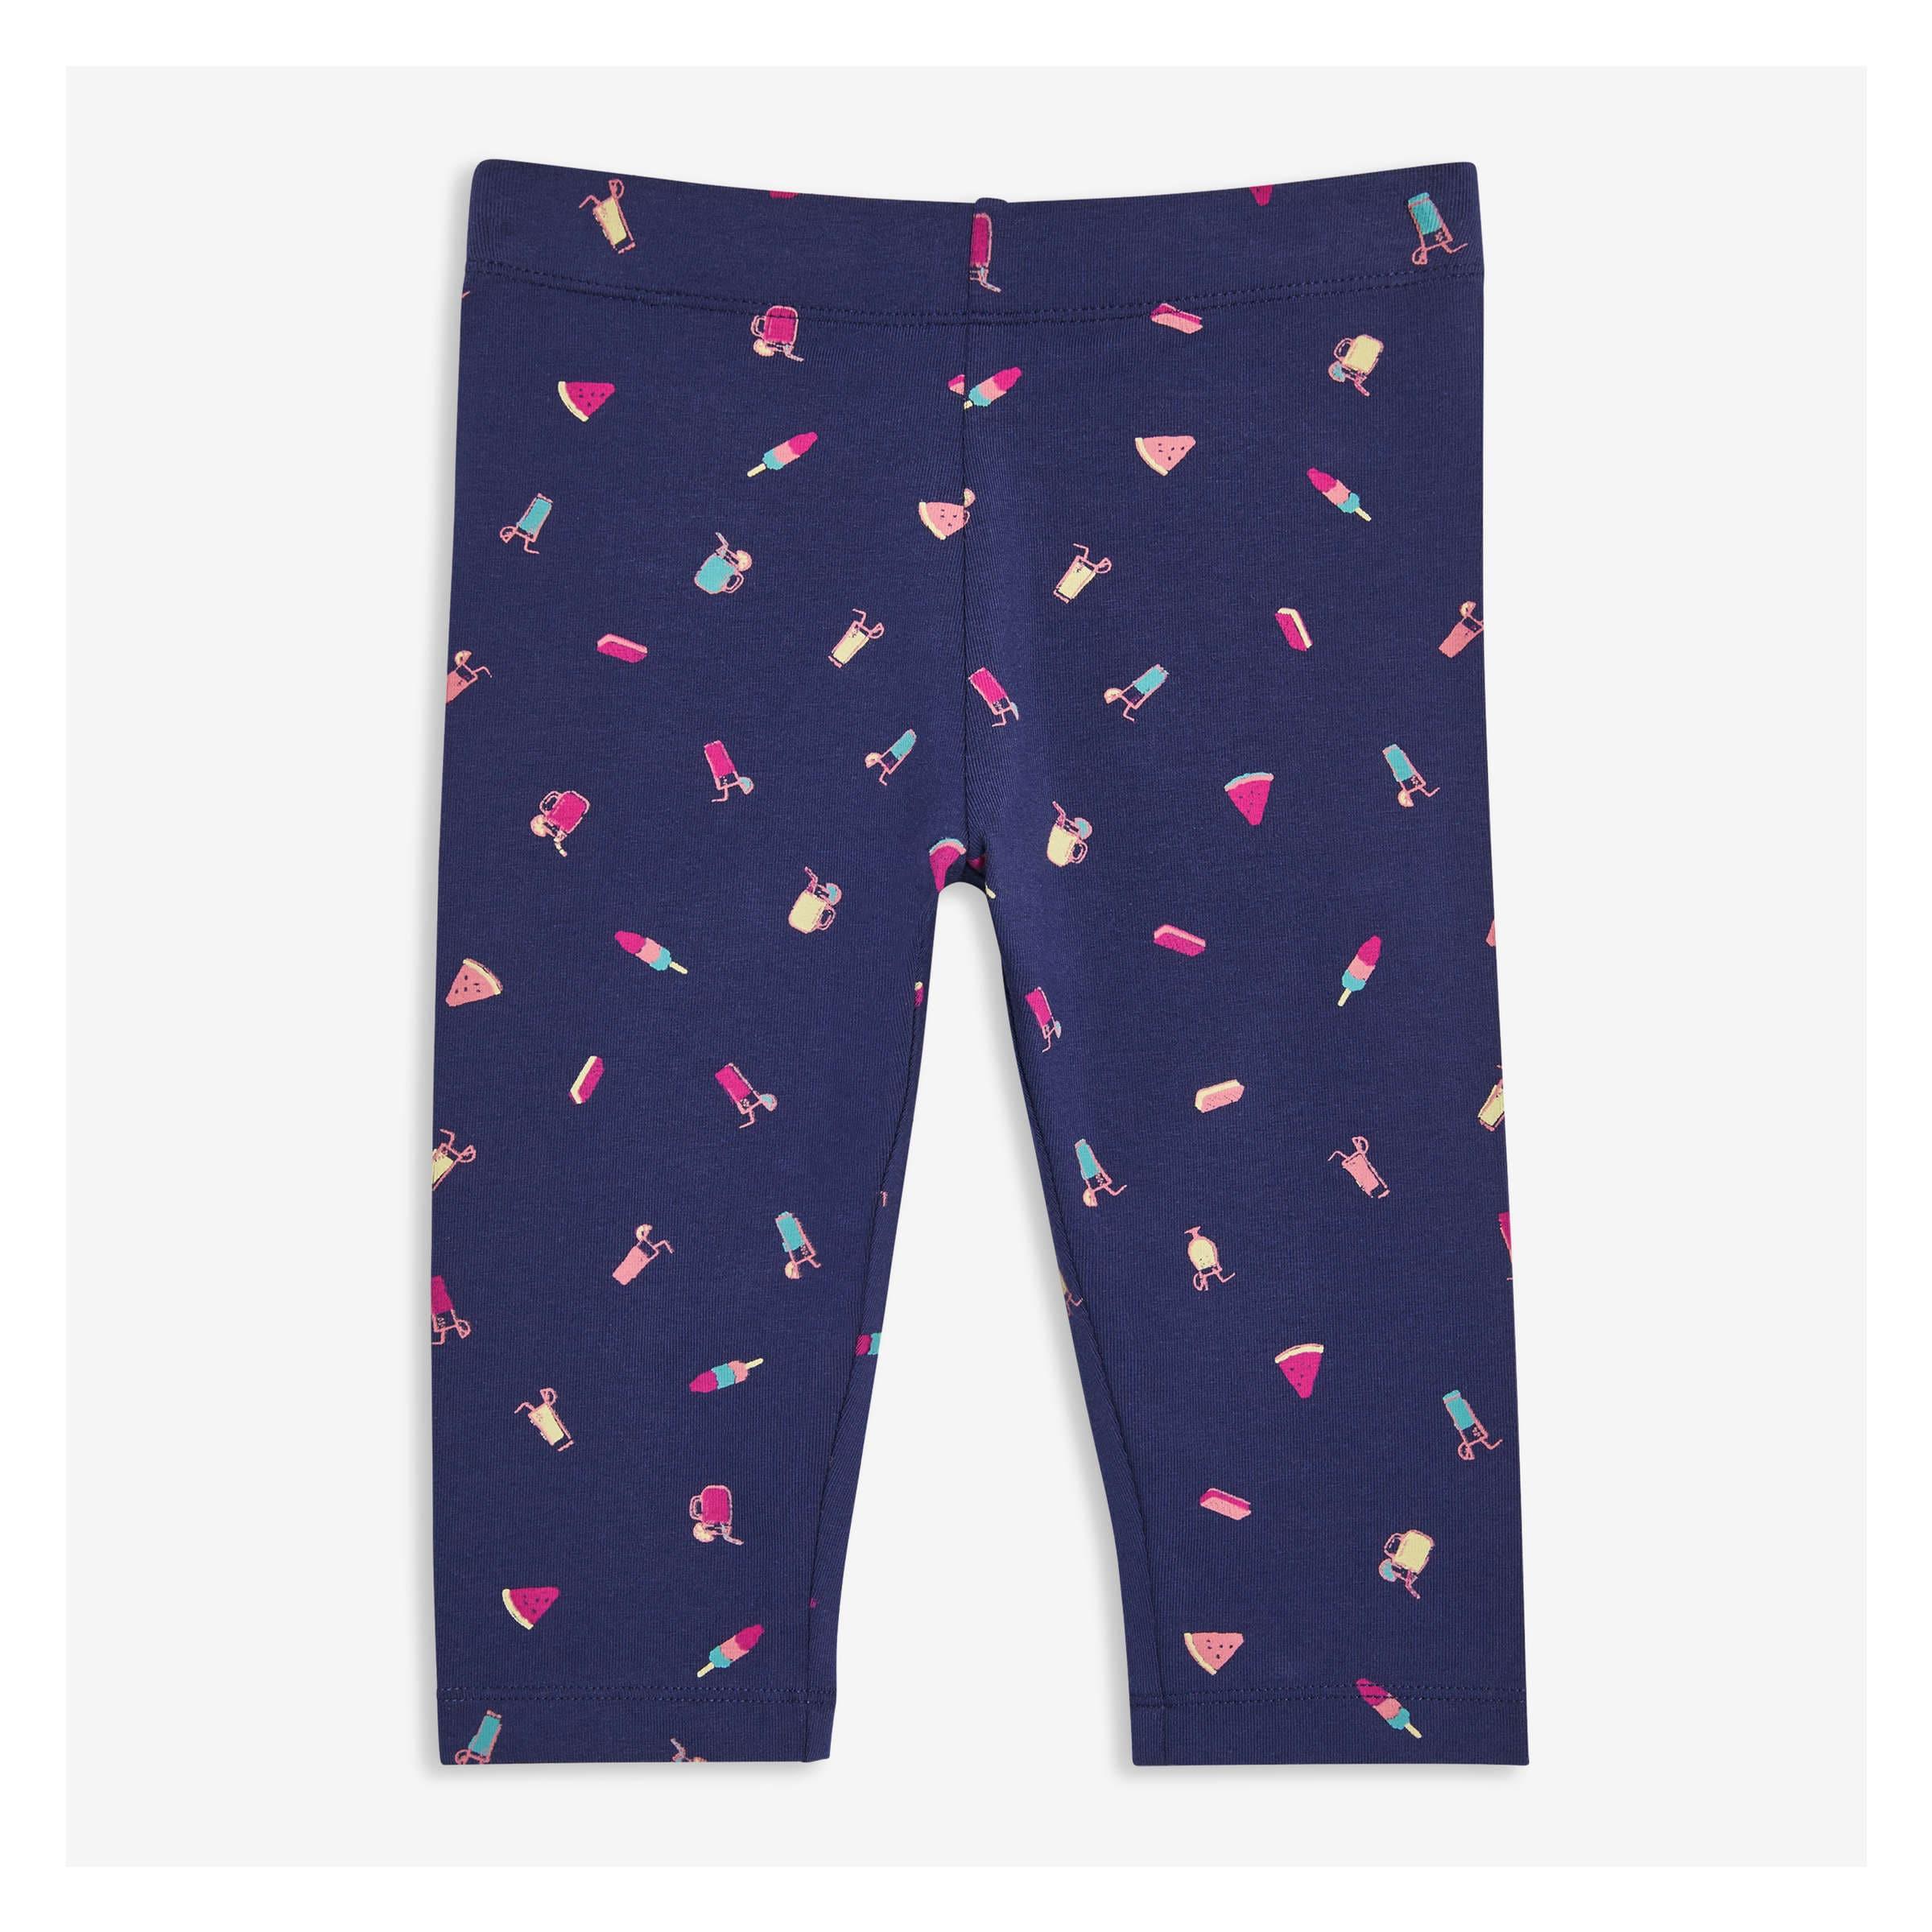 4961e9fef3044 Toddler Girls' Print Capri Legging in Dark Blue from Joe Fresh